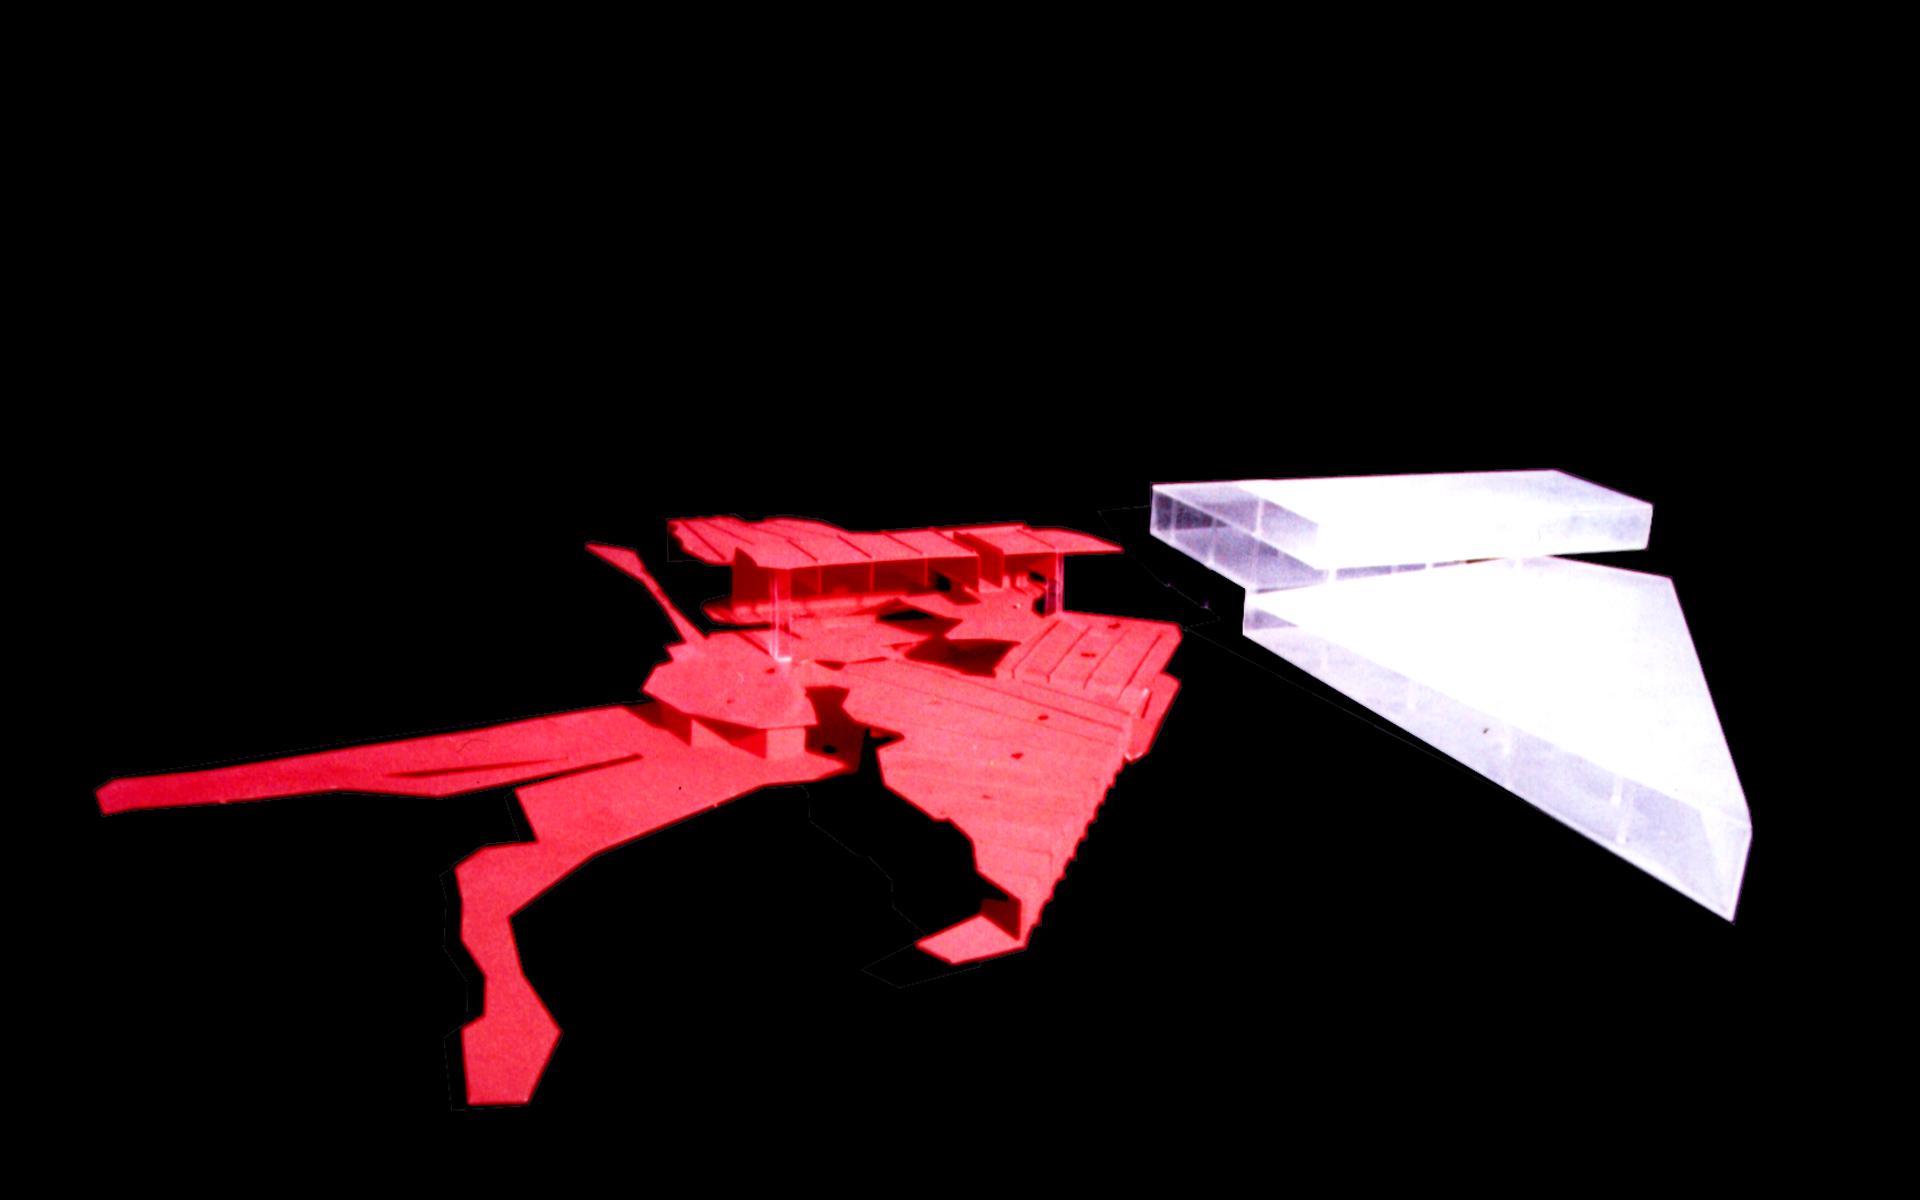 Arquitectura, maqueta, concurso Fundación Mies van der Rohe, detalle propuesta de las dos piezas, en acrílico traslucido y rojo